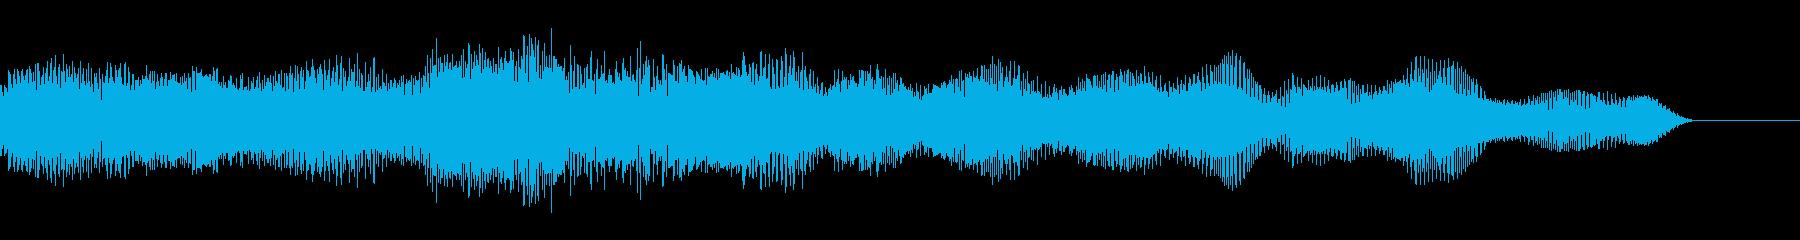 電子音の再生済みの波形